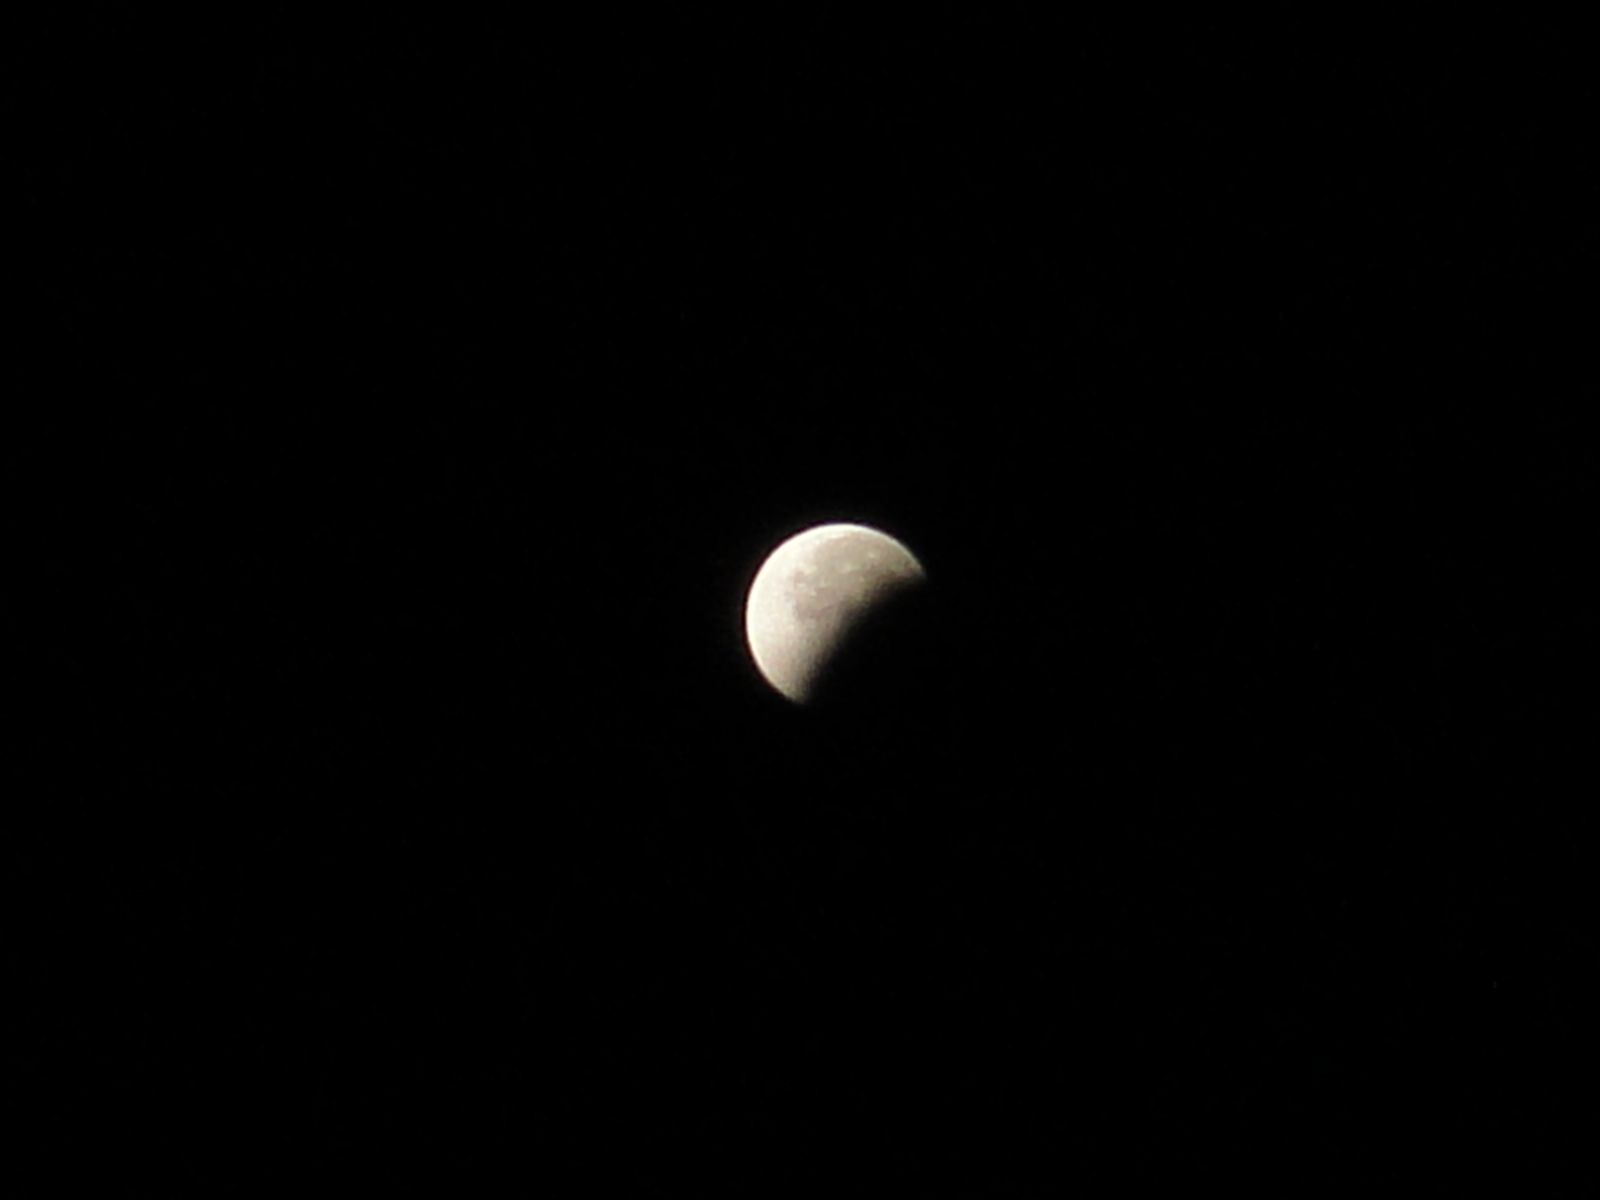 lunar_eclipse_176.jpg